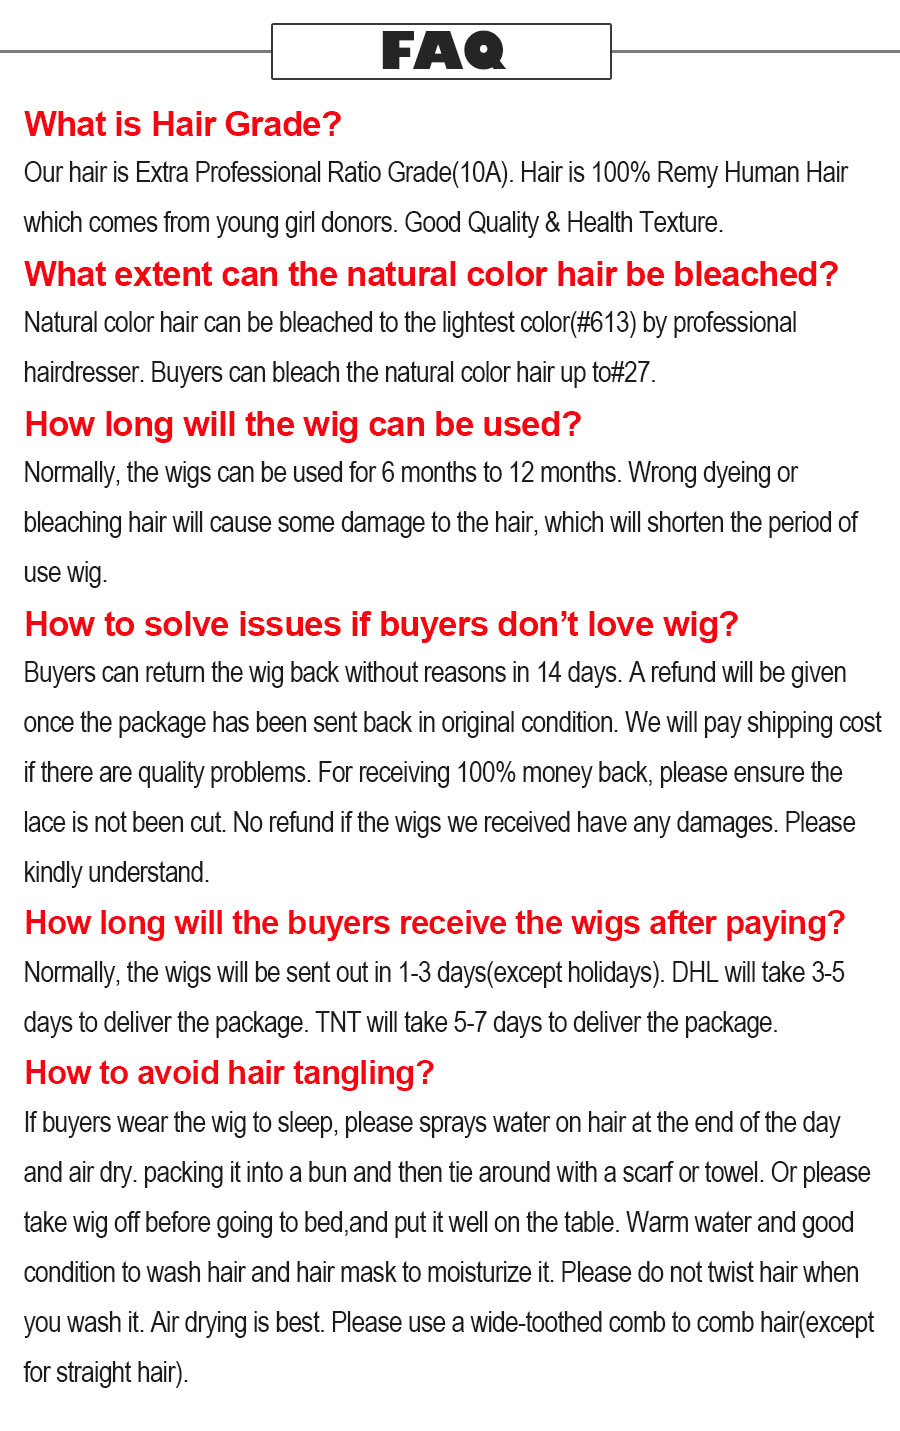 速卖通FAQ